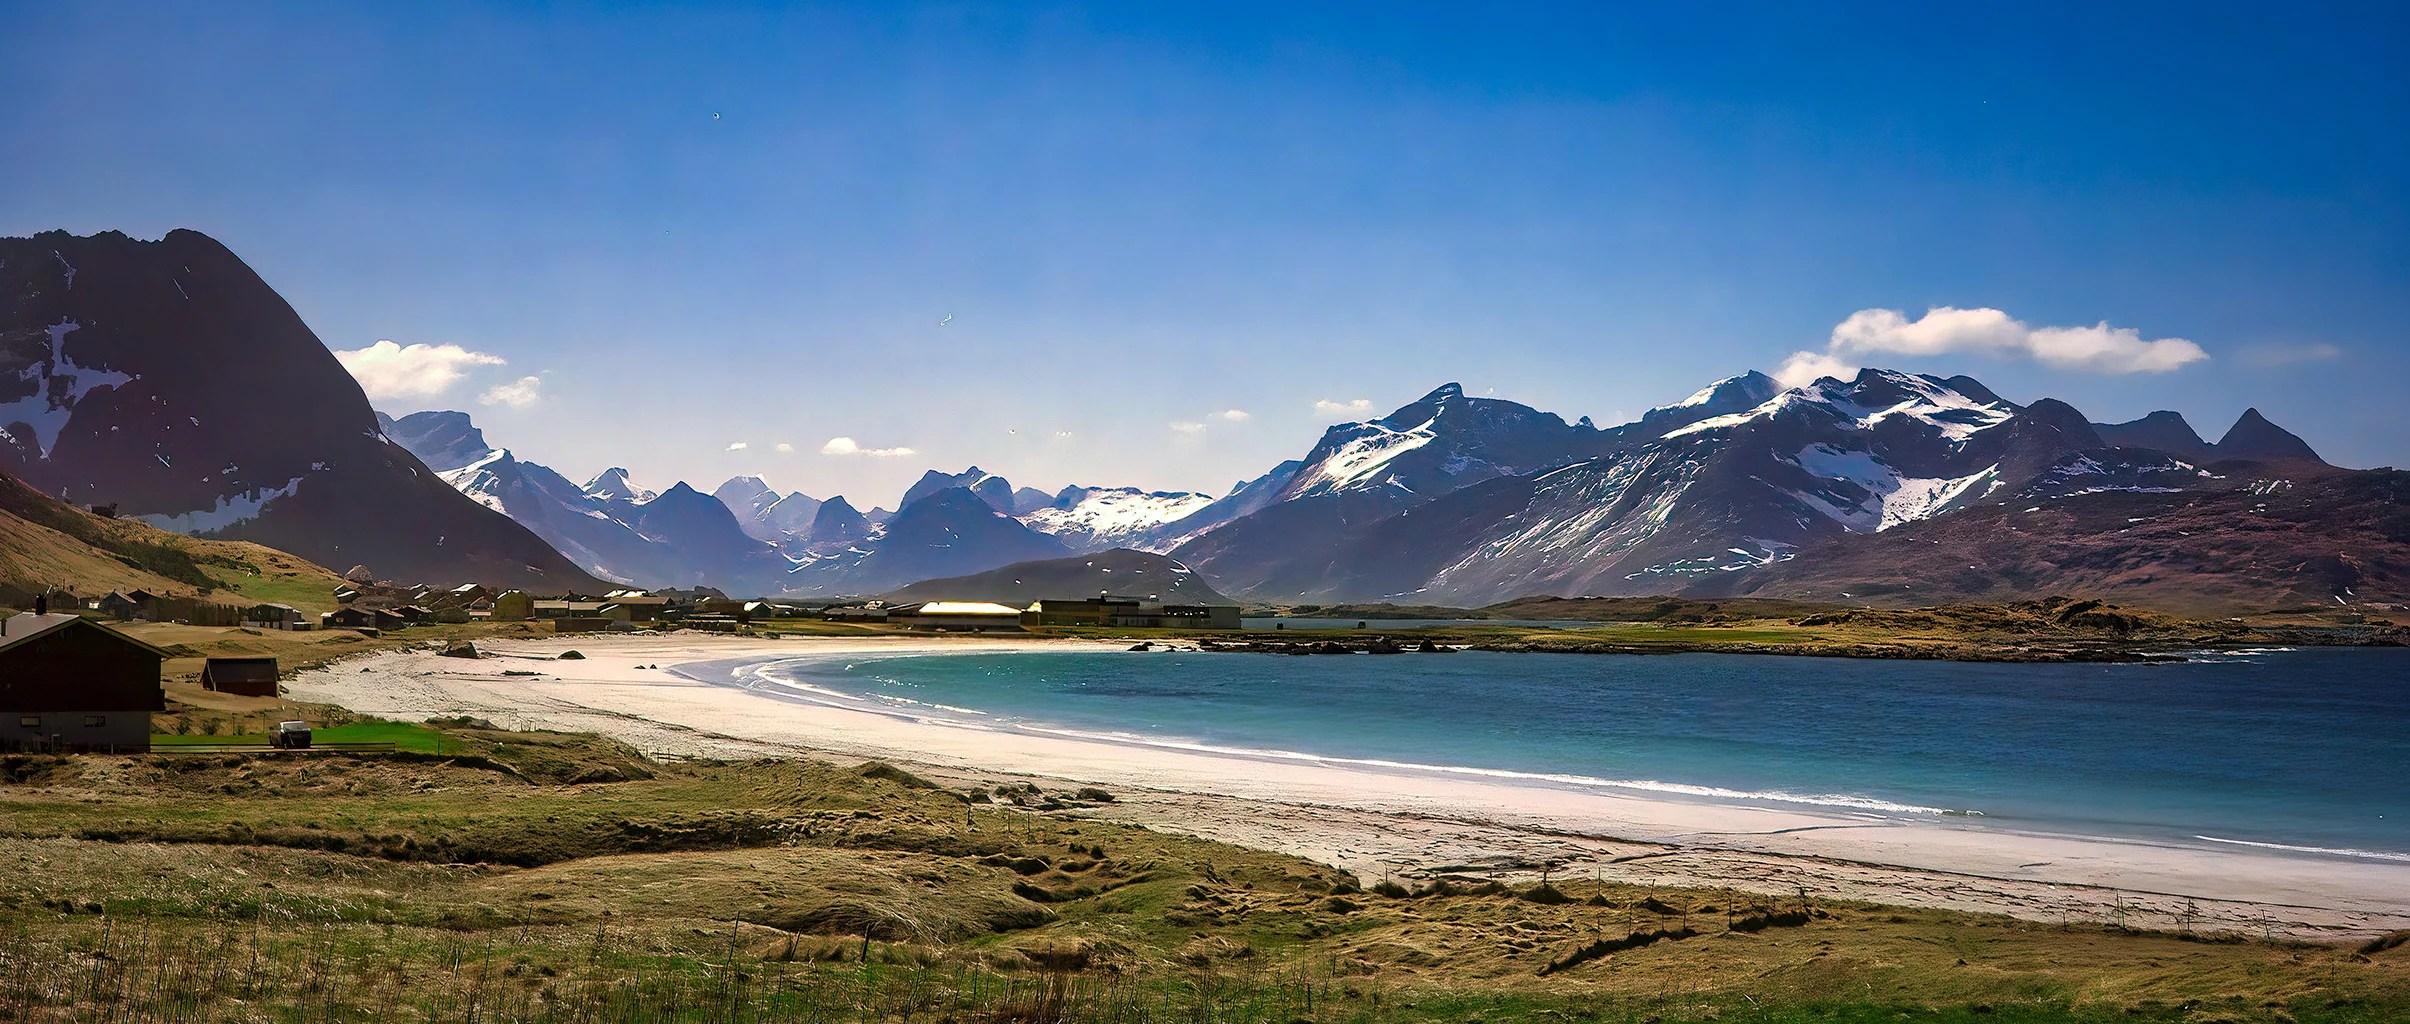 Norway - Lofoten